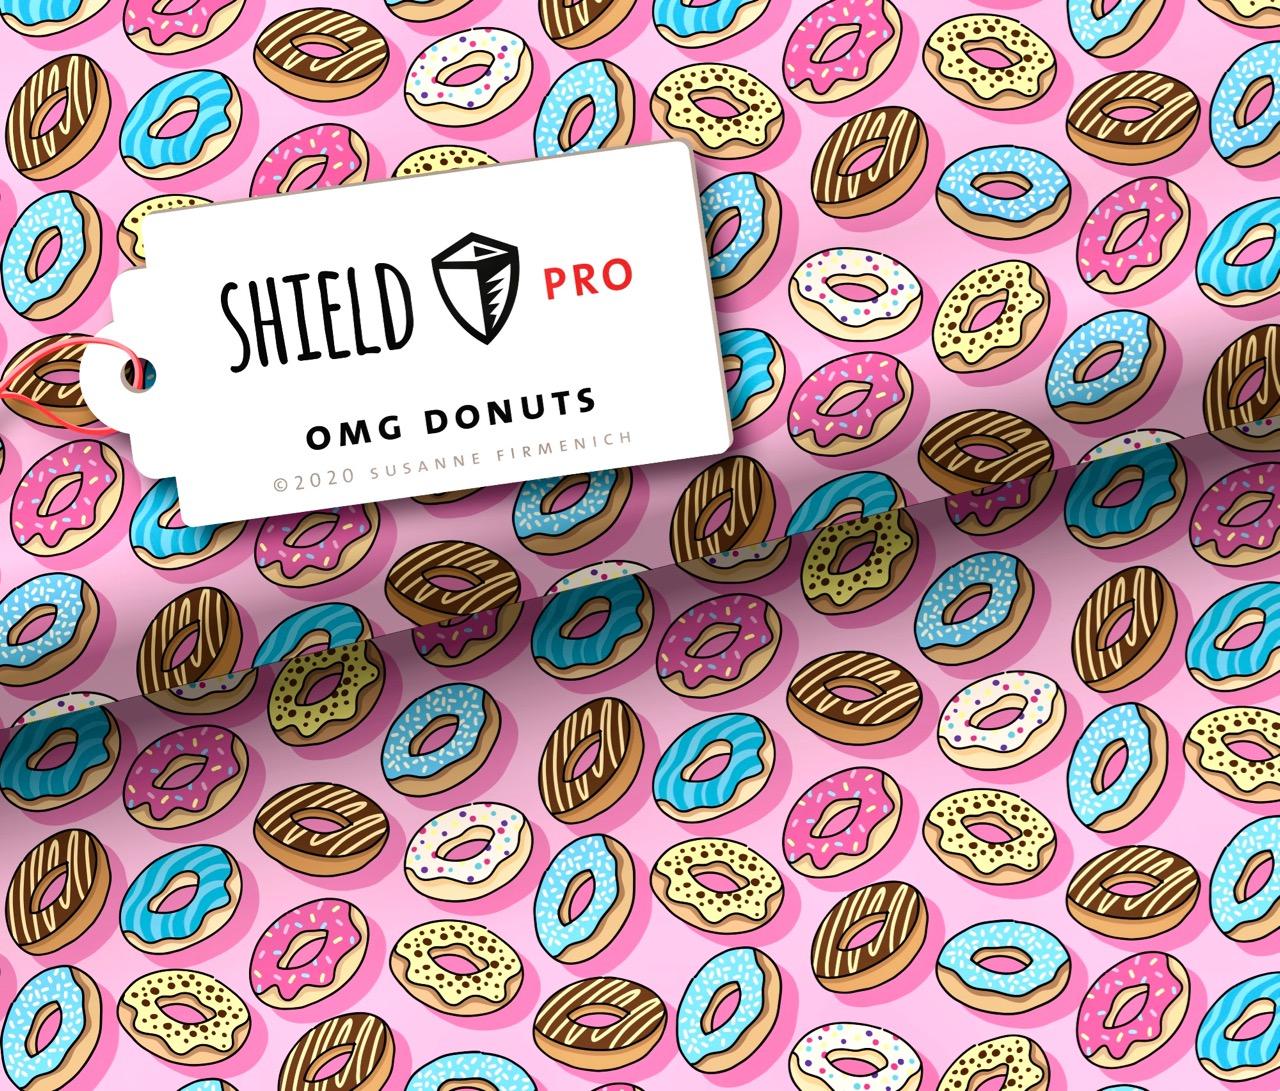 Shield PRO KIDS - OMG Donuts von Hamburger Liebe & Albstoffe - antimikrobiell für Atem-und Mundmasken!